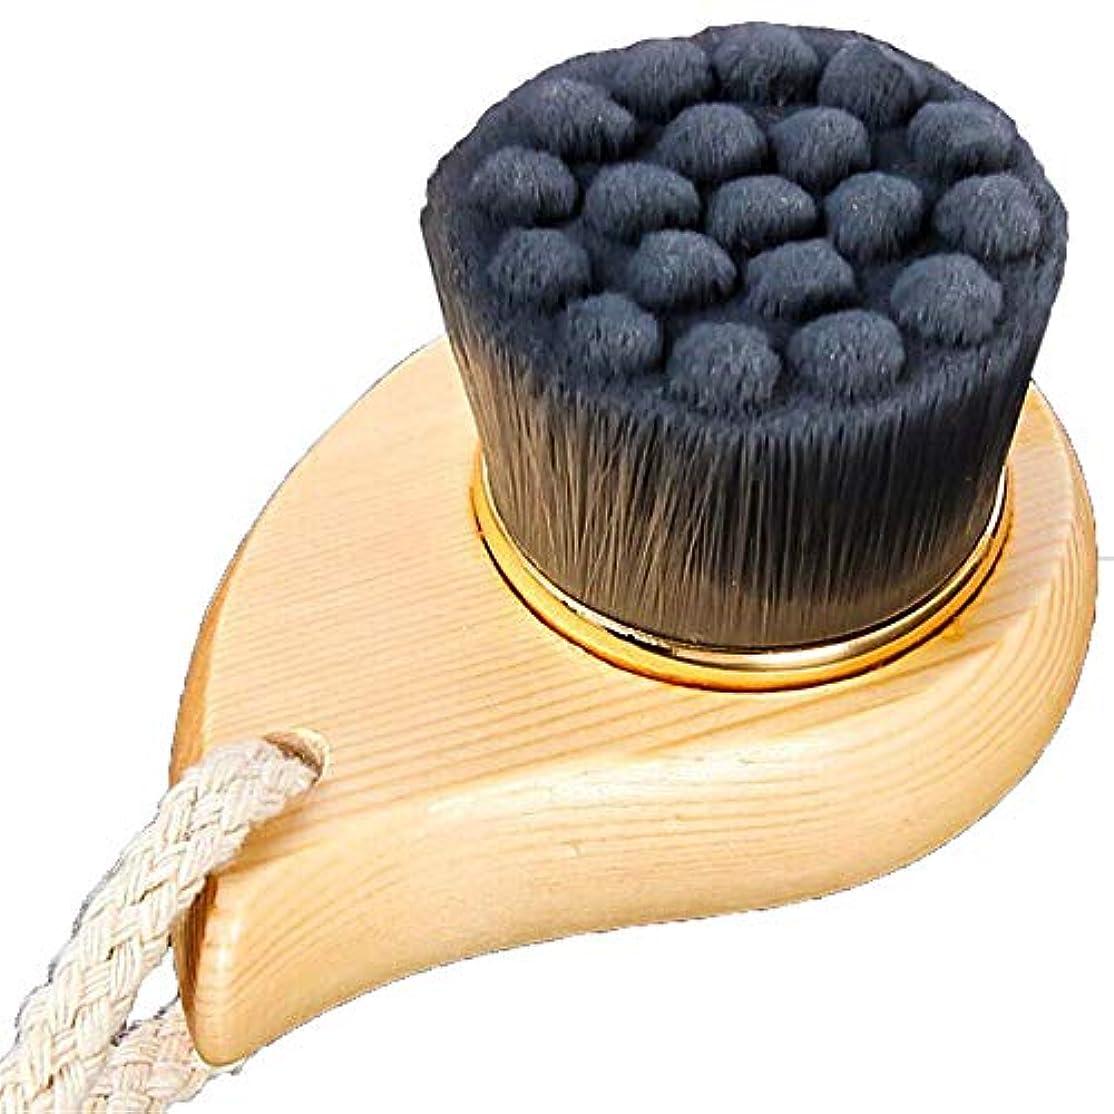 人形歌回答洗顔ブラシ 深い毛穴のための柔らかい剛毛の表面クリーニングの美のブラシの清潔になることの美顔術のブラシ ディープクレンジングスキンケア用